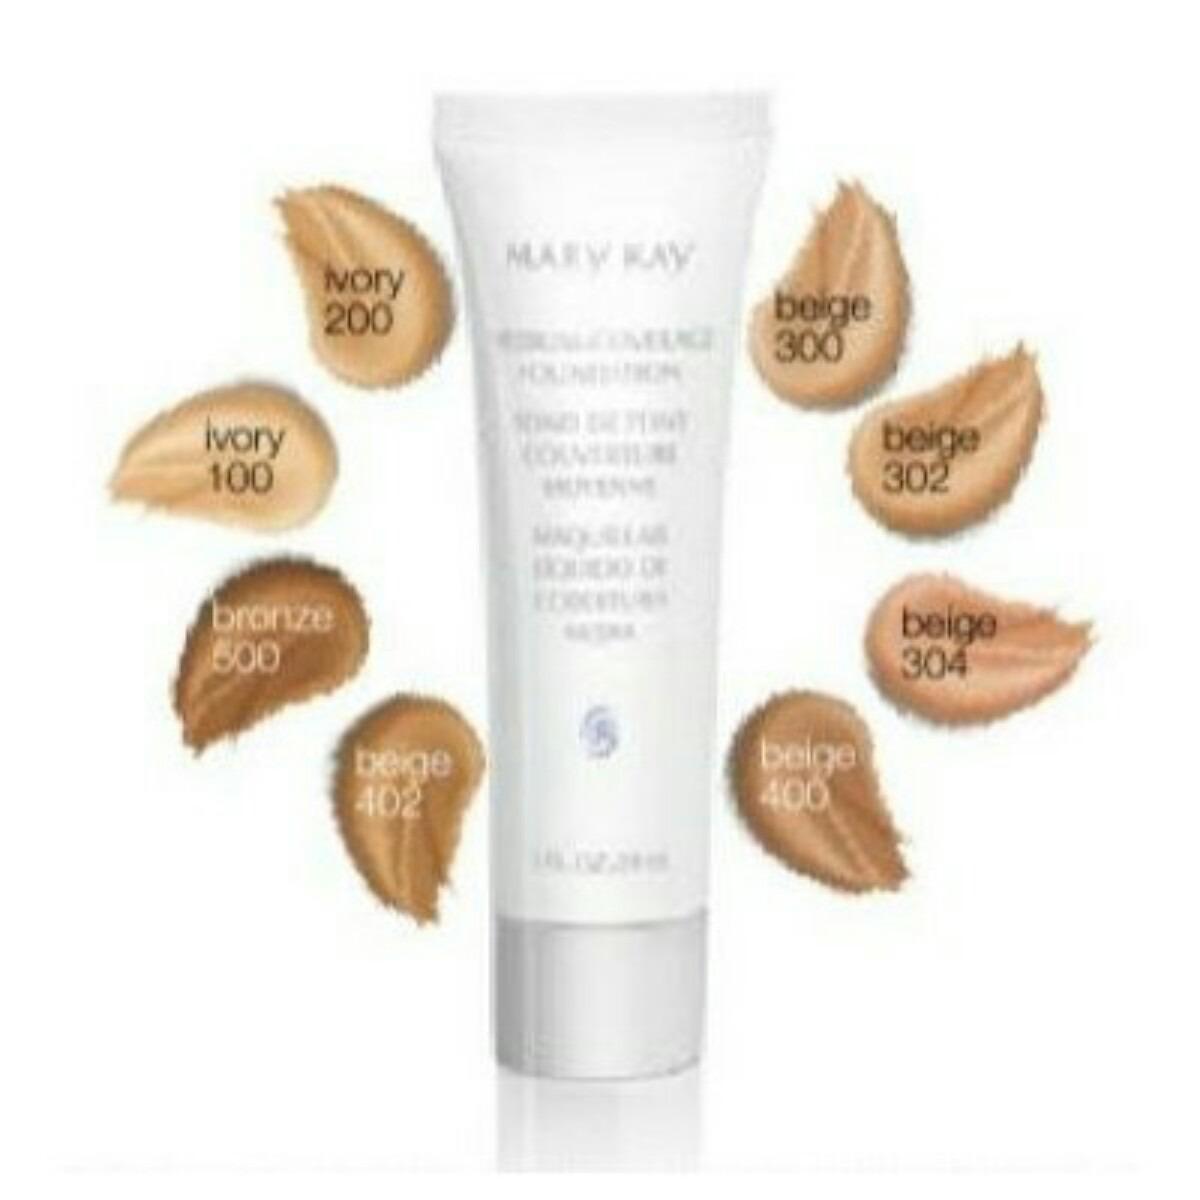 3c0b48b61 Maquillaje Liquido Cobertura Media Mary Kay - $ 167.00 en Mercado Libre